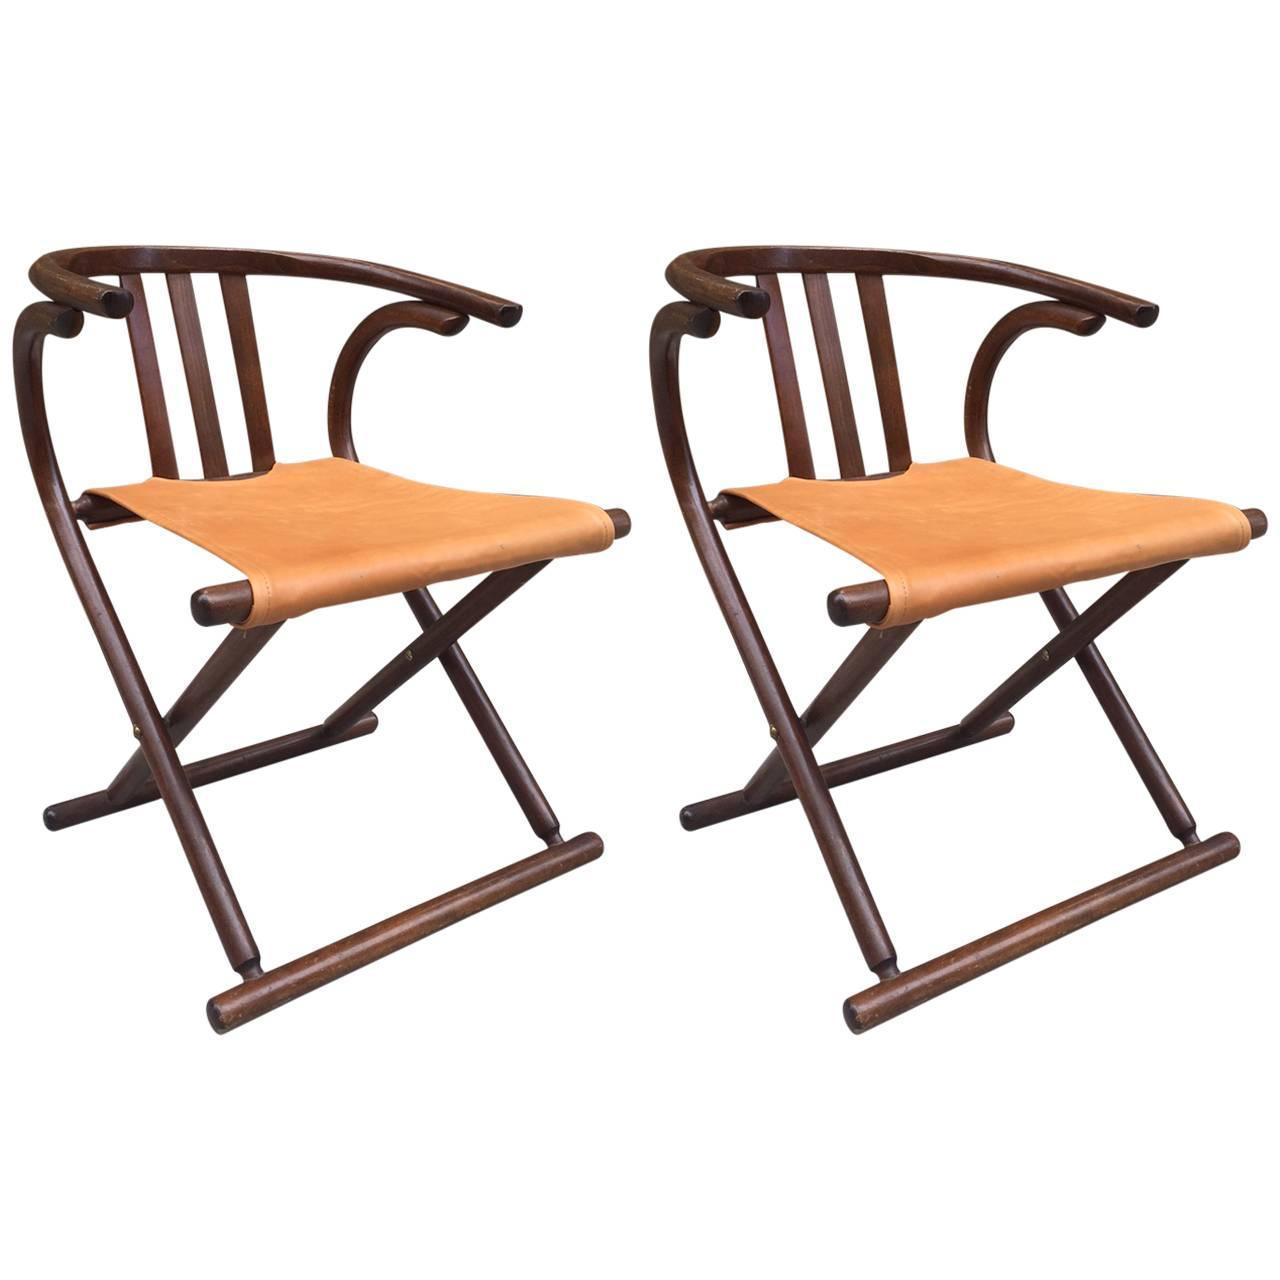 a rentals chairs chair grand brown affair folding plastic